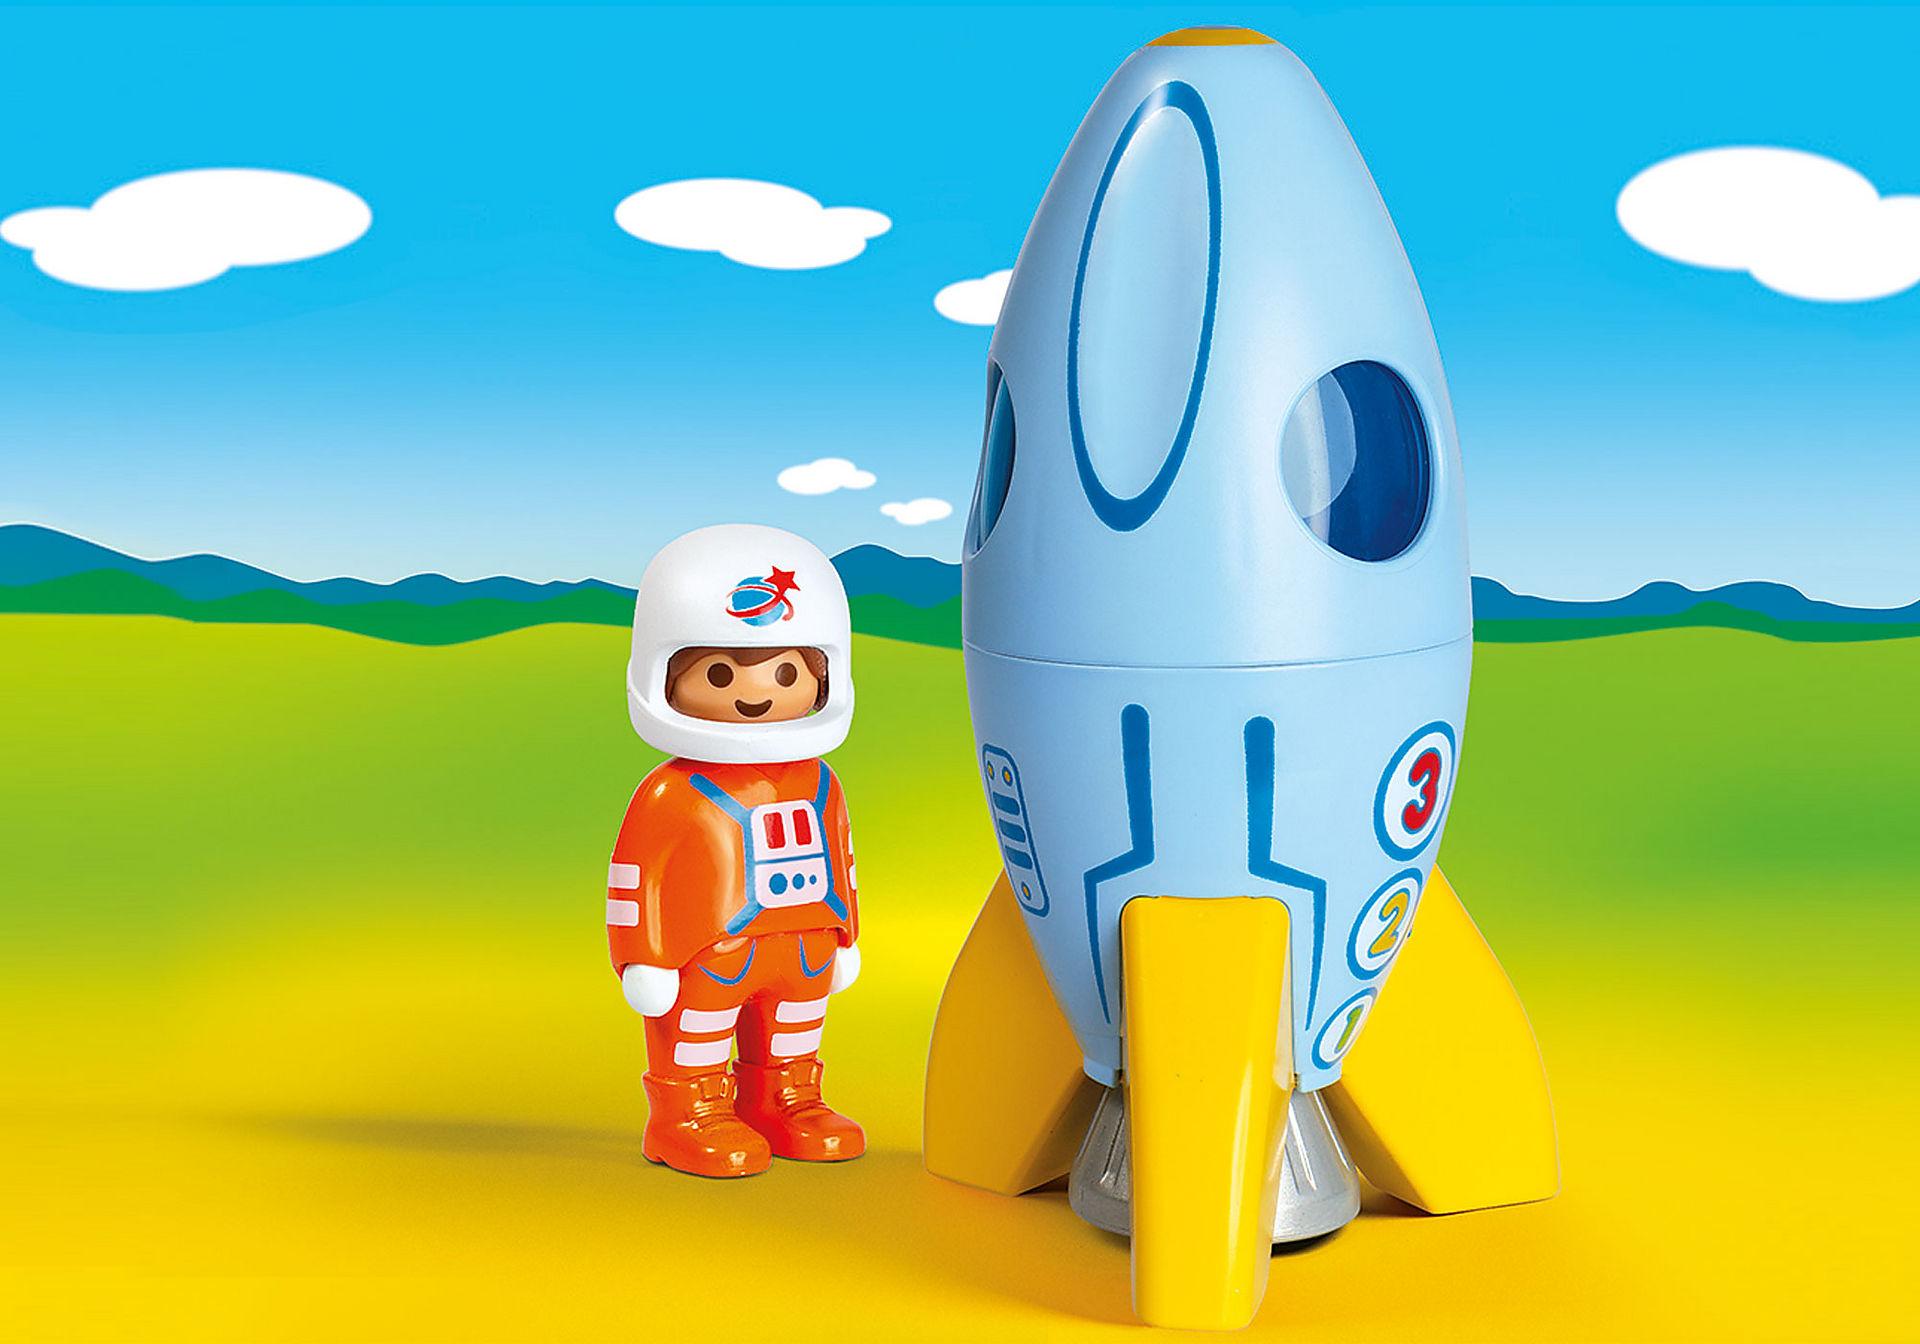 70186 1.2.3 Astronauta com Foguetão zoom image1